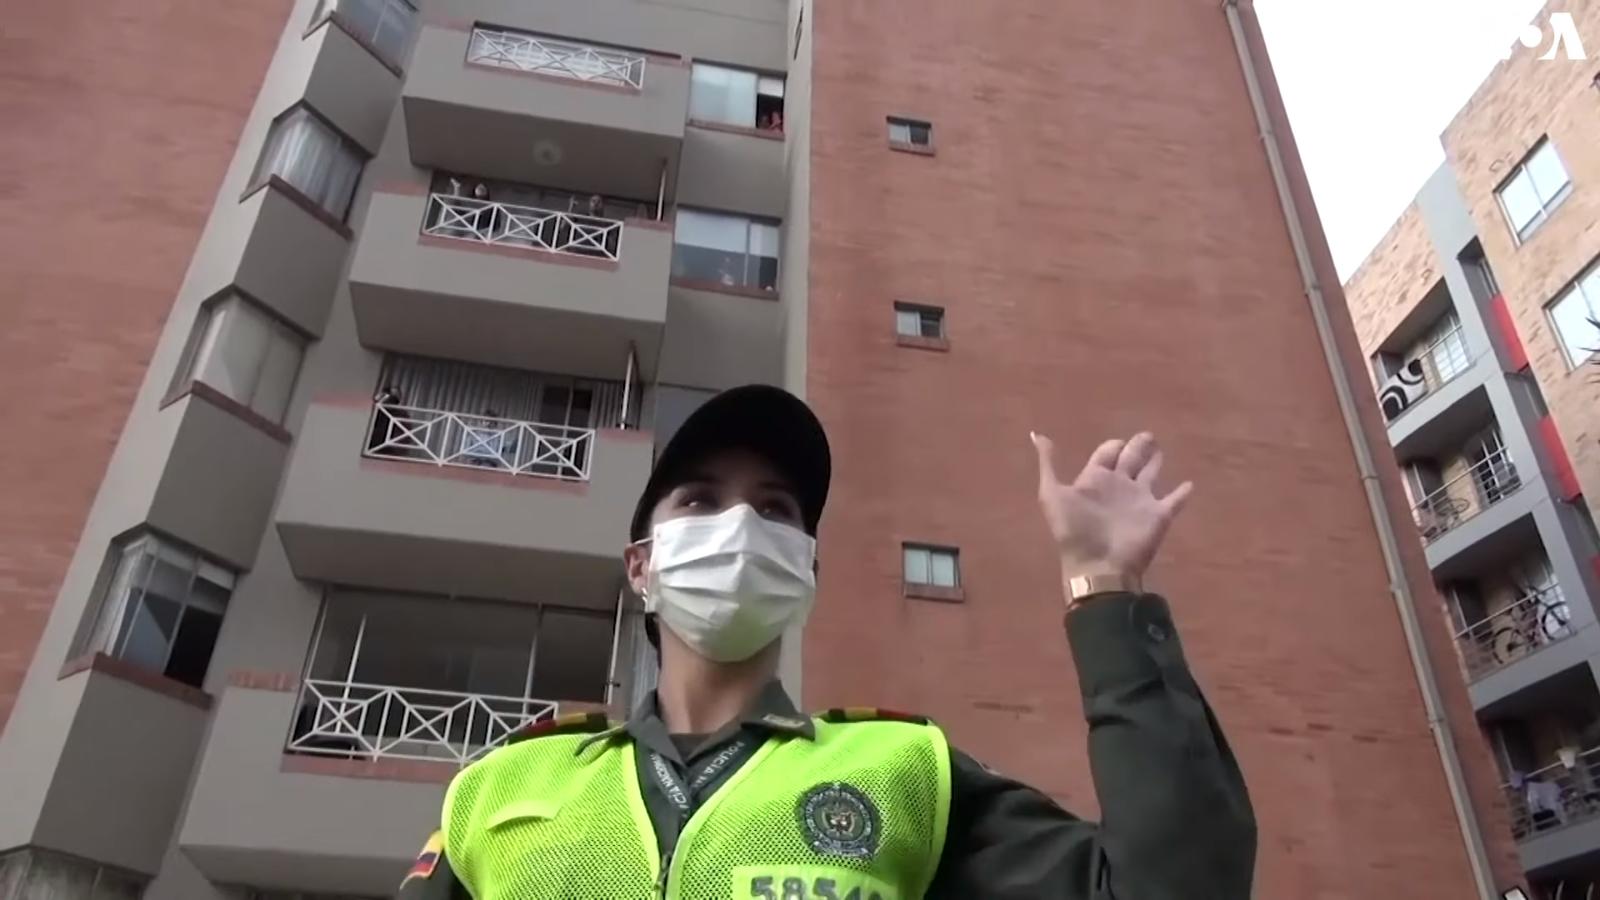 Dienas prieks: Kolumbijas policija diriģē iedzivotāju deju balkonos